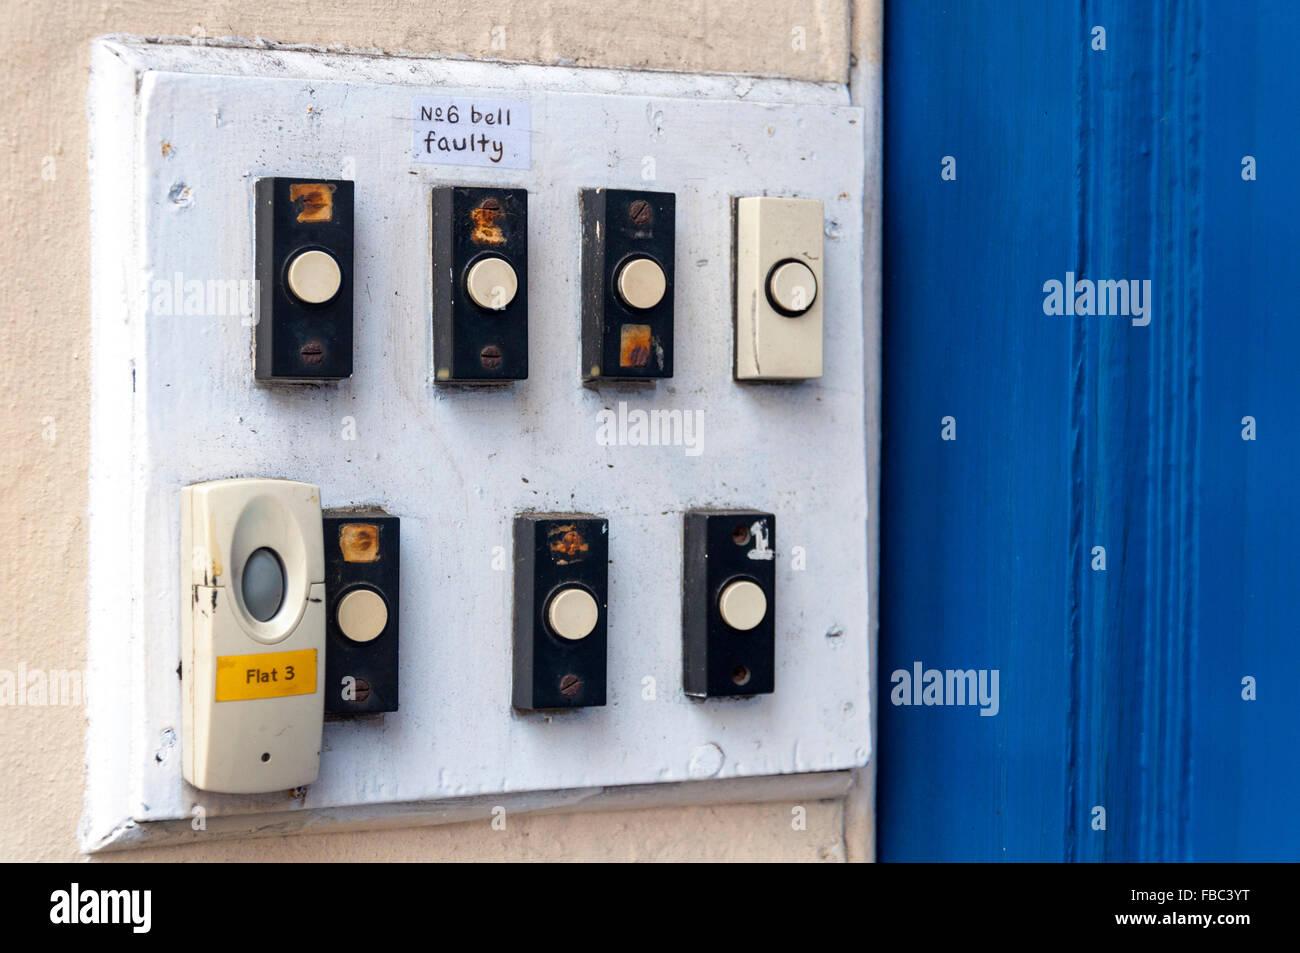 Numéro 6 pousse Bell Bell défaillant sur six appartements appartements entrée de porte Banque D'Images